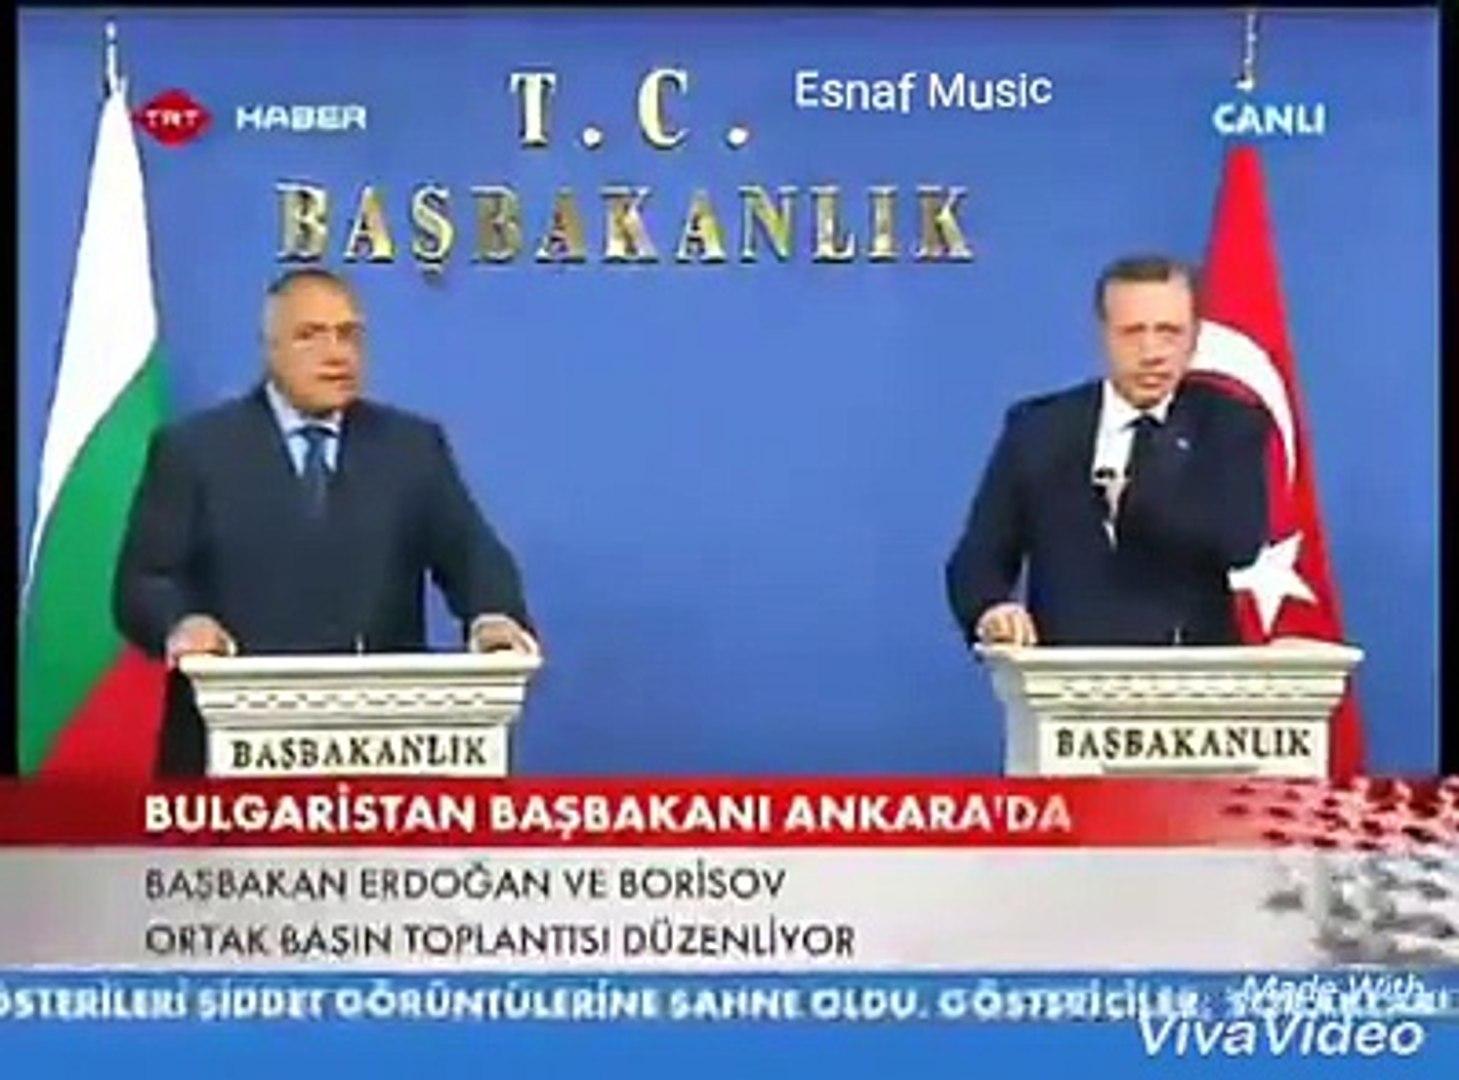 Recep taip Erdogan ve Boyko Borisov  -TUTMA